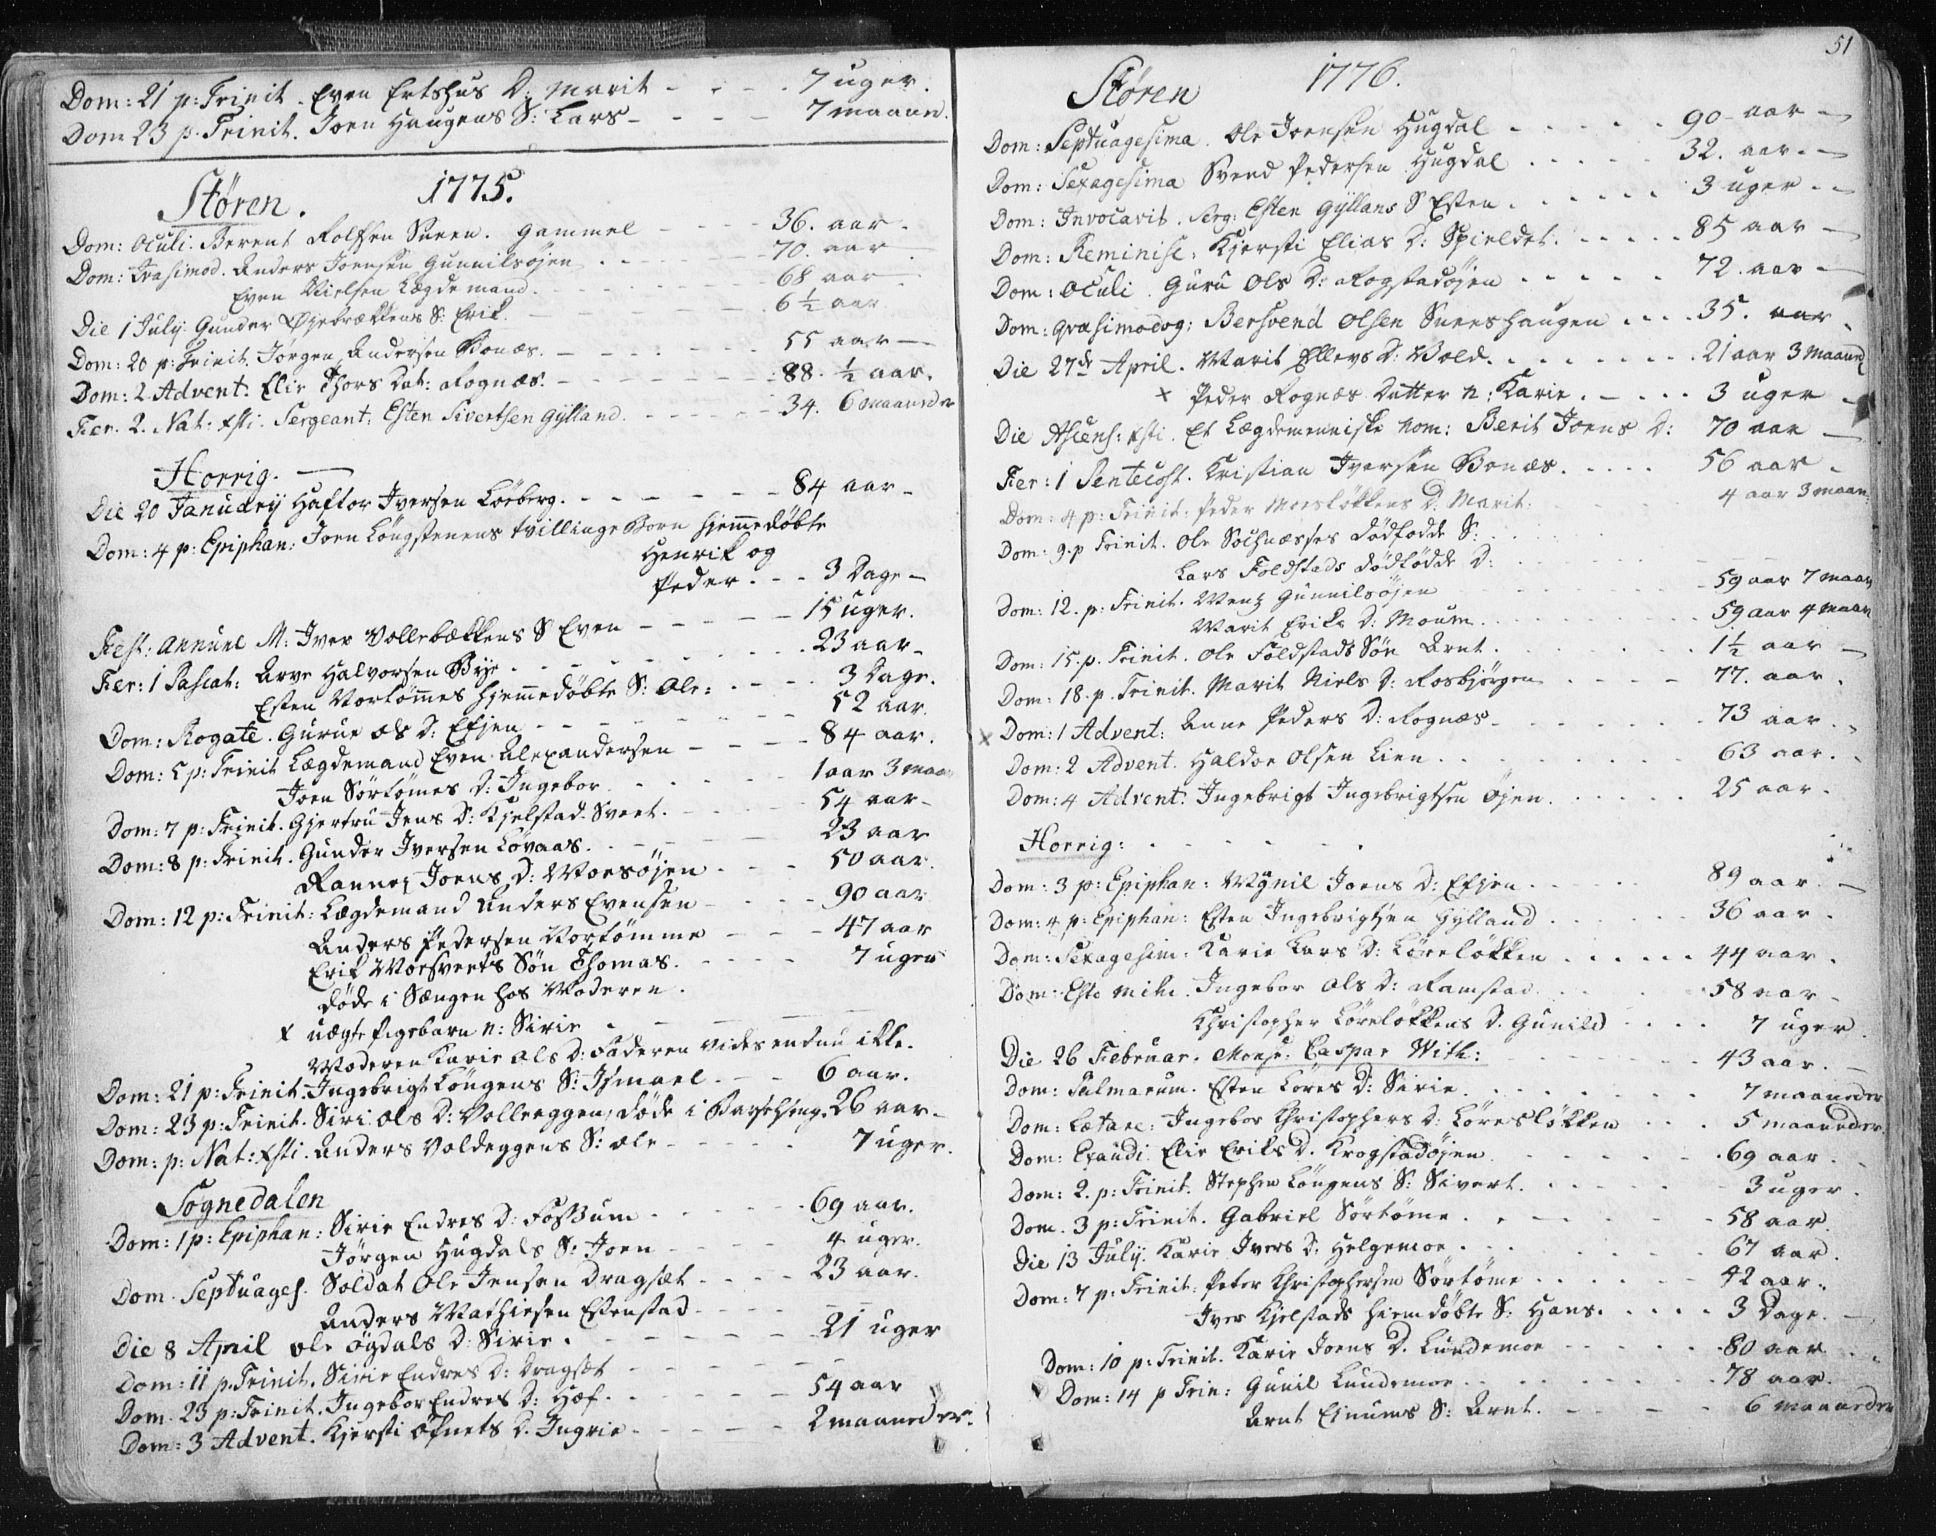 SAT, Ministerialprotokoller, klokkerbøker og fødselsregistre - Sør-Trøndelag, 687/L0991: Ministerialbok nr. 687A02, 1747-1790, s. 51